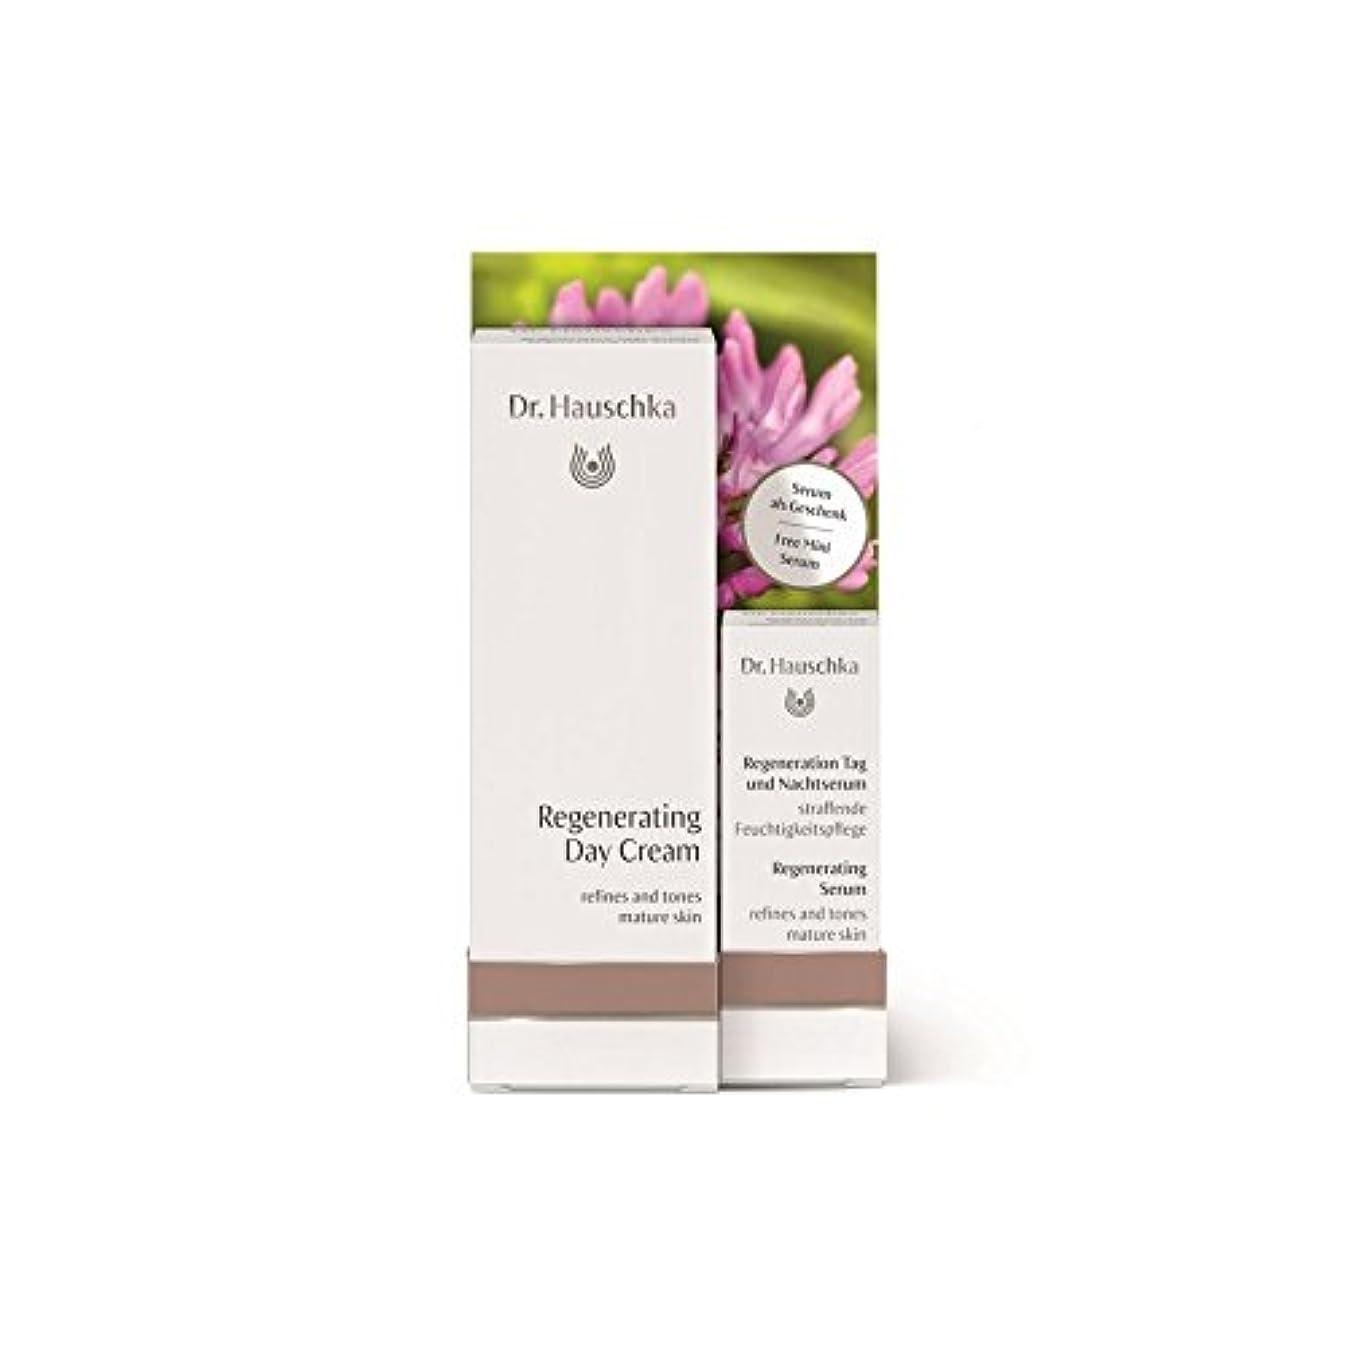 セーター空の有毒な無料再生血清2.5ミリリットルとハウシュカ再生デイクリーム x2 - Dr. Hauschka Regenerating Day Cream with a free Regenerating Serum 2.5ml (Pack...